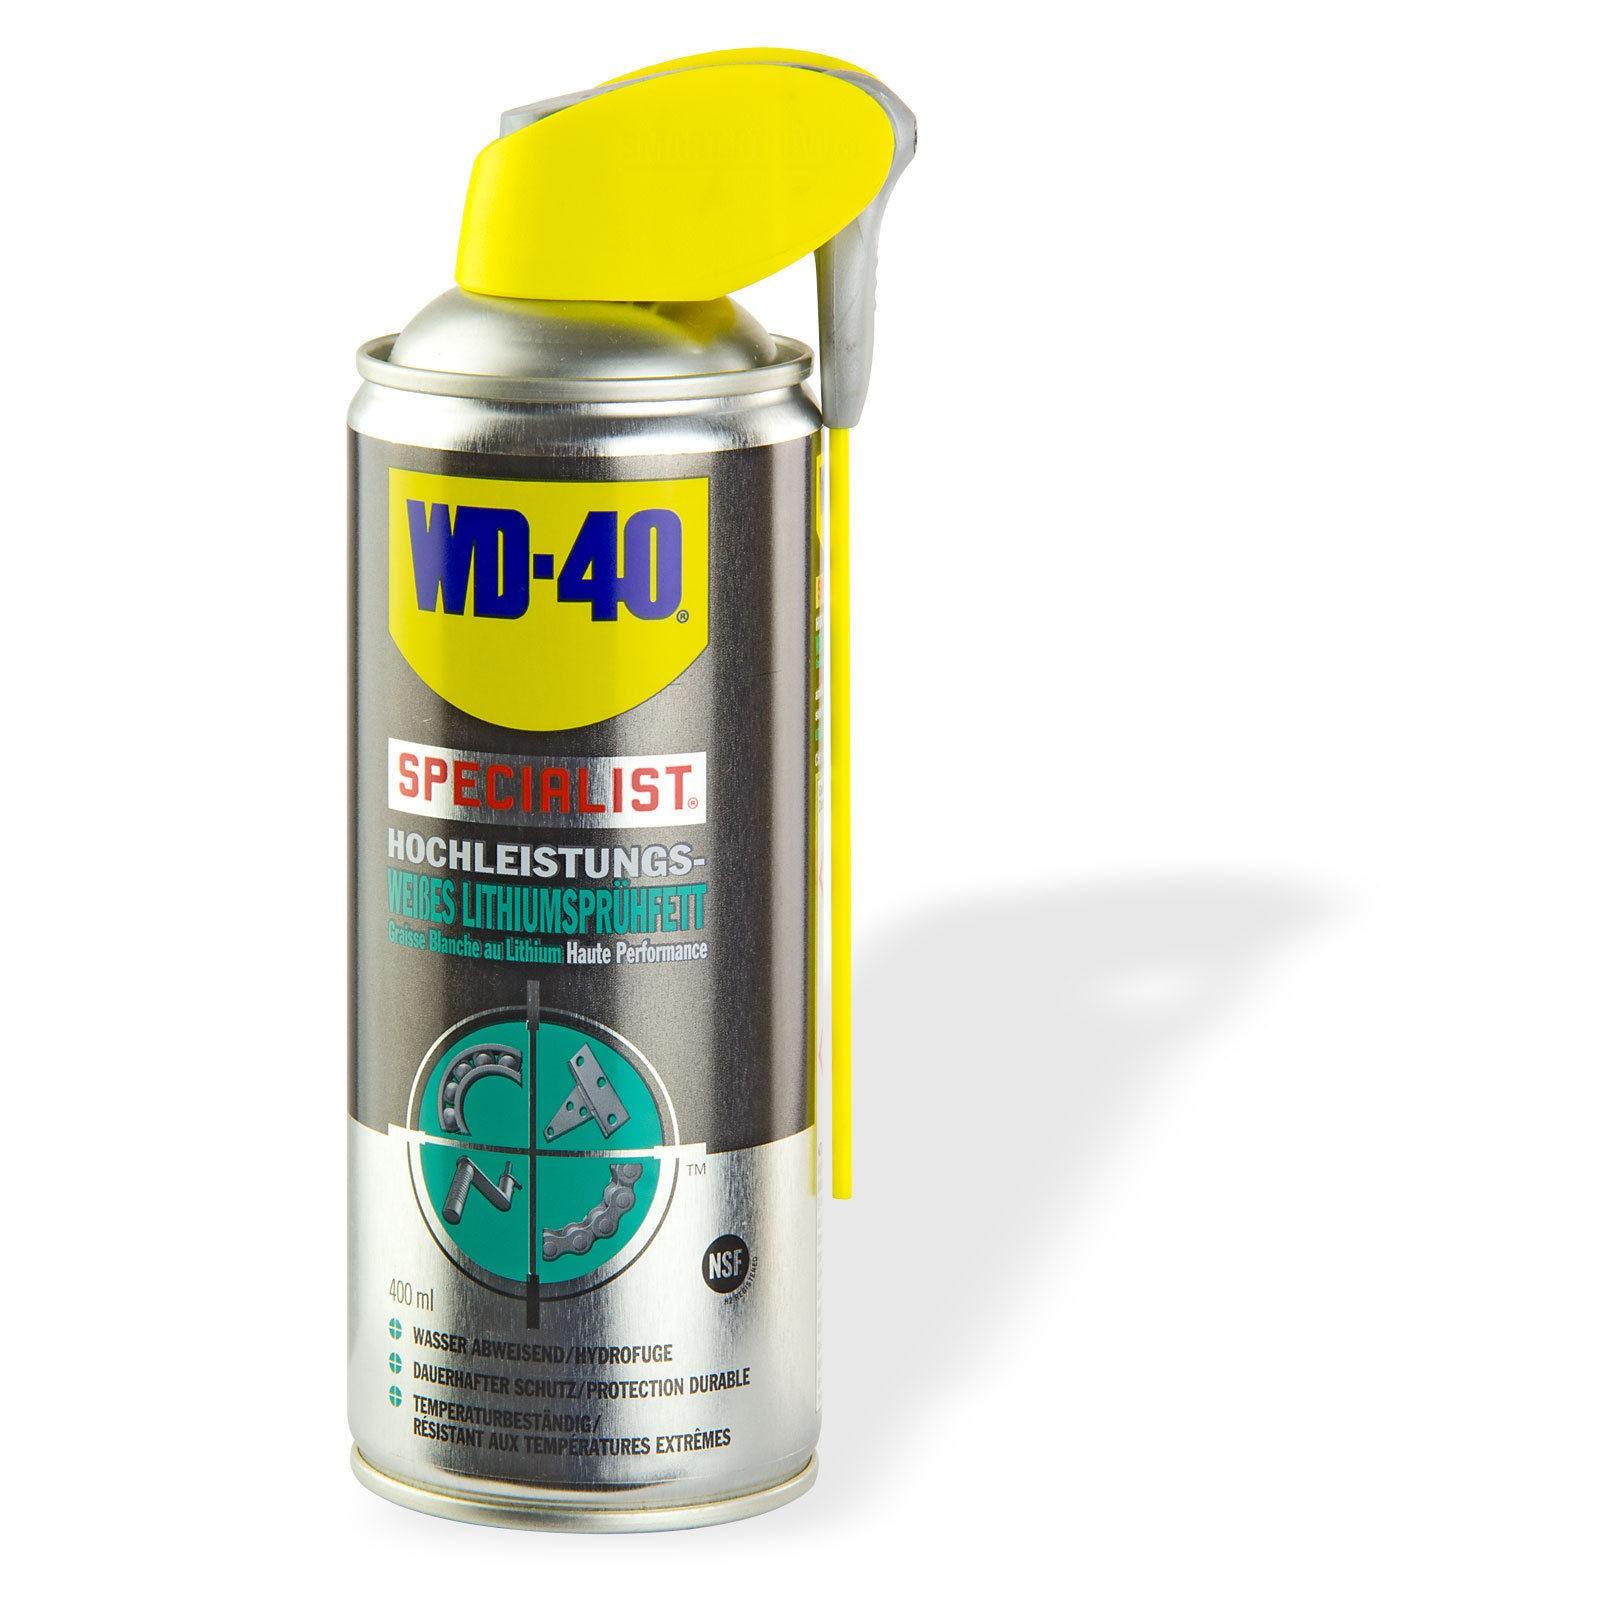 WD 40 WD-40 Weißes Lithiumsprühfett / Sprühfett 400ml 21147